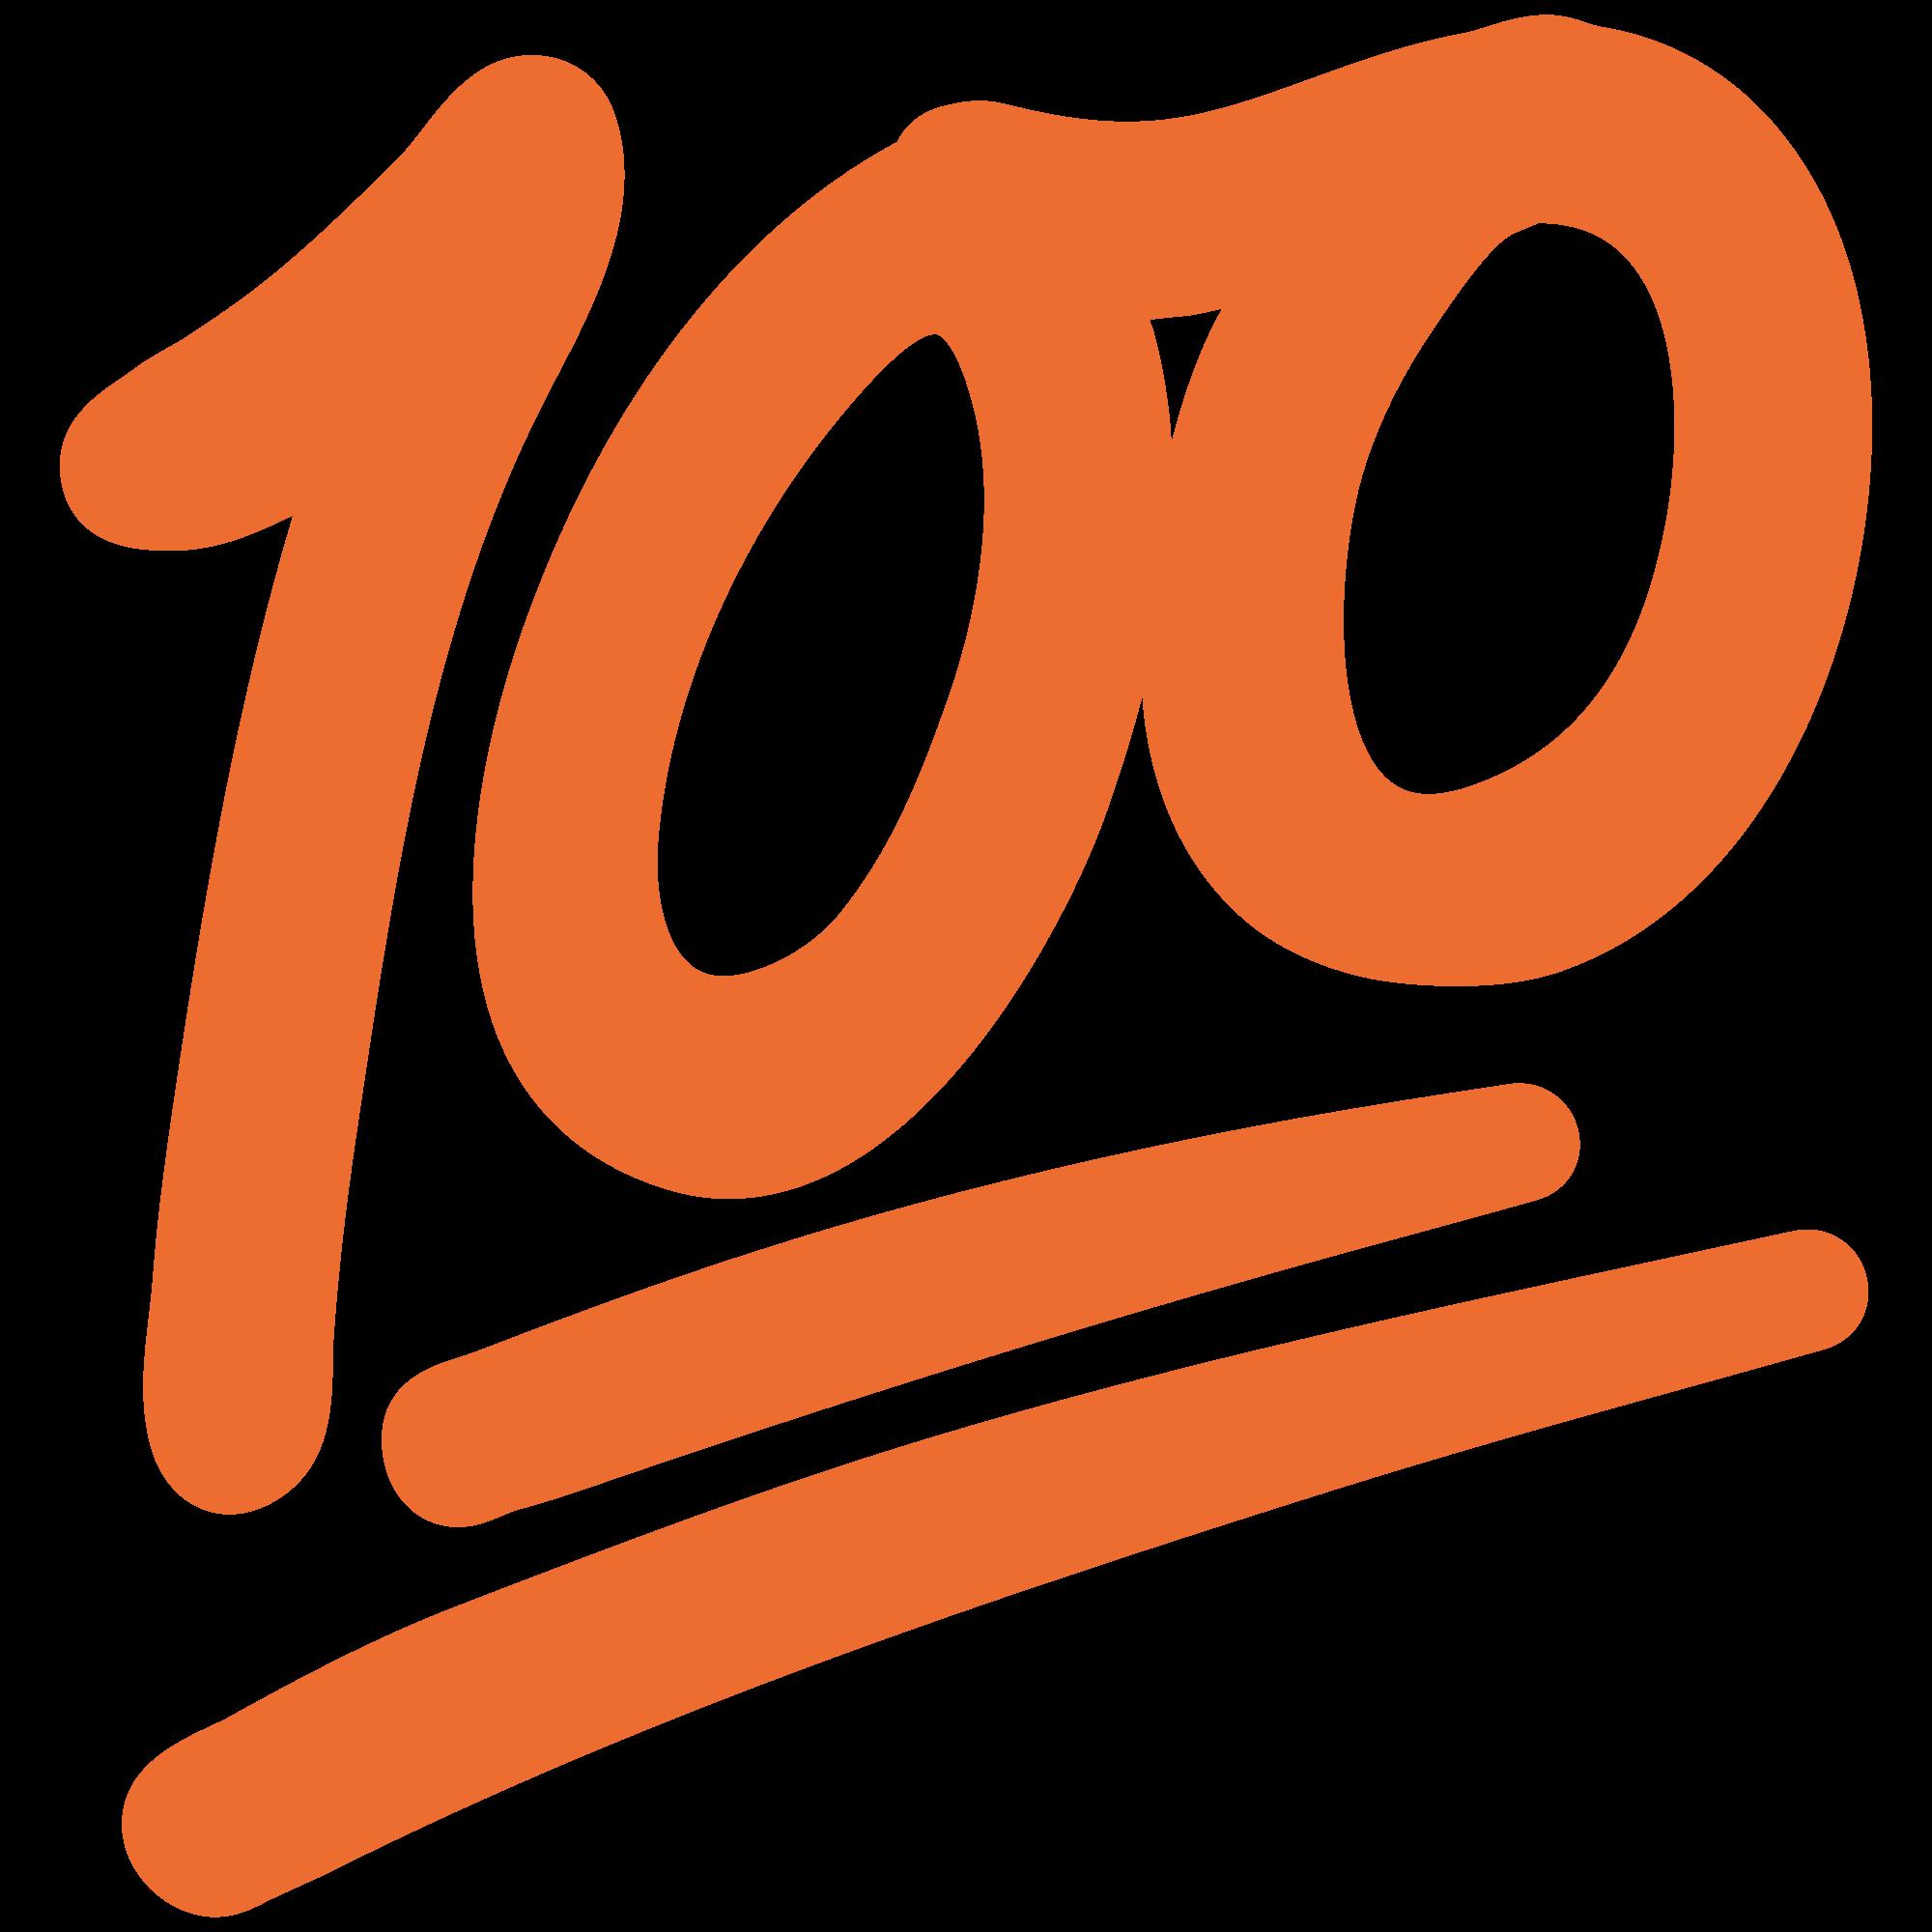 svg transparent download 100 clipart one hundred. File emoji u f